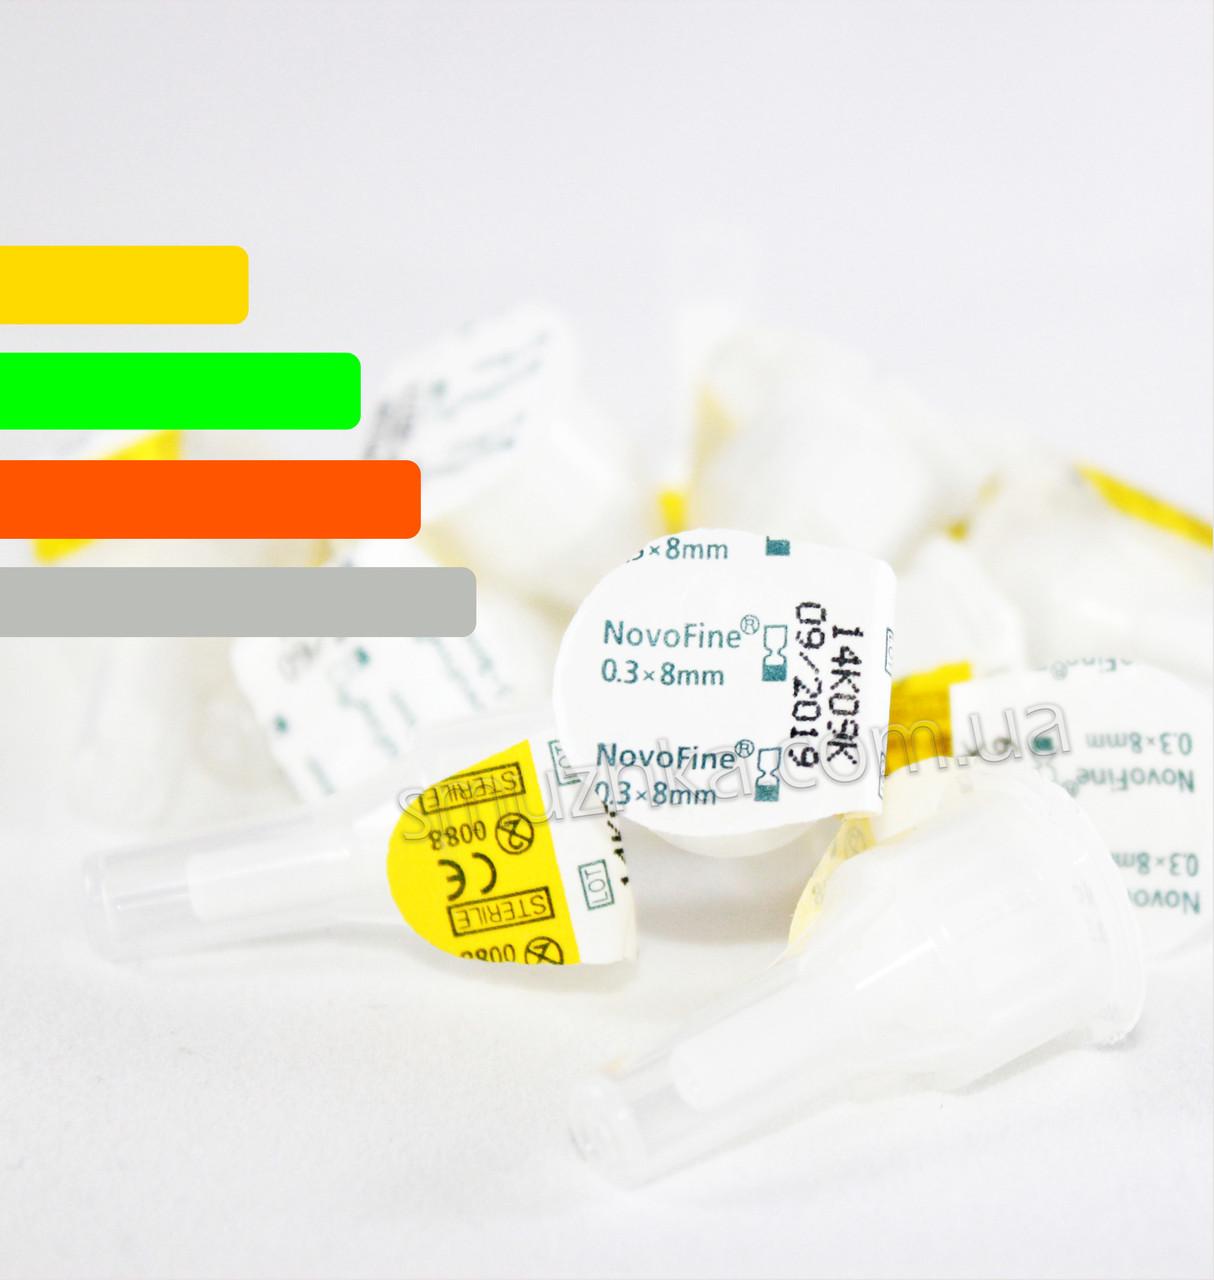 Иглы инсулиновые для шприц-ручек Новофайн 8 мм - Novofine 30G, Поштучно